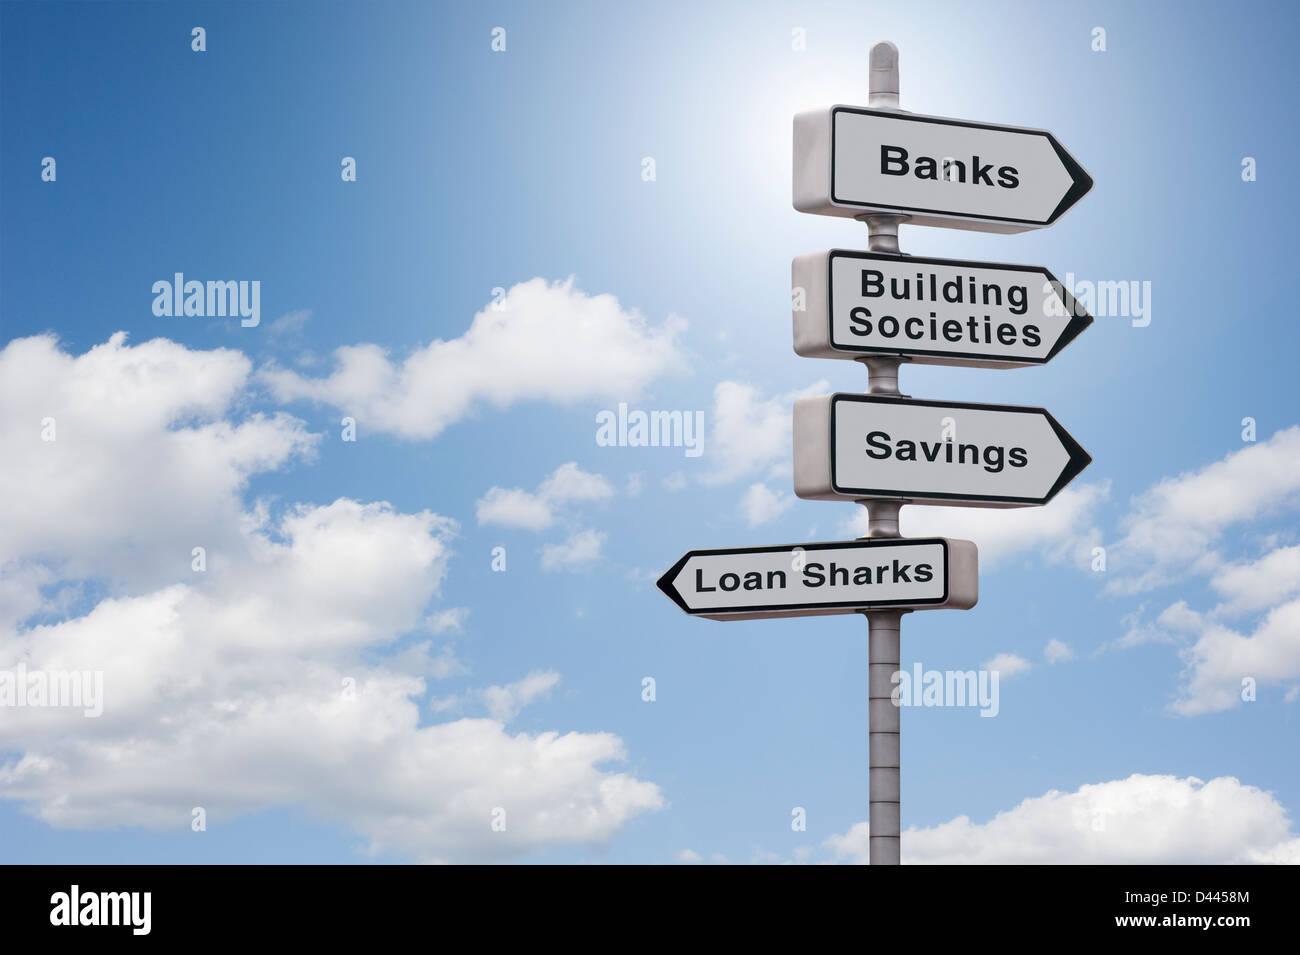 Zeichen mit Banken, Bausparkassen, Einsparungen direkt zeigen und Kredithaie zeigt links Stockbild